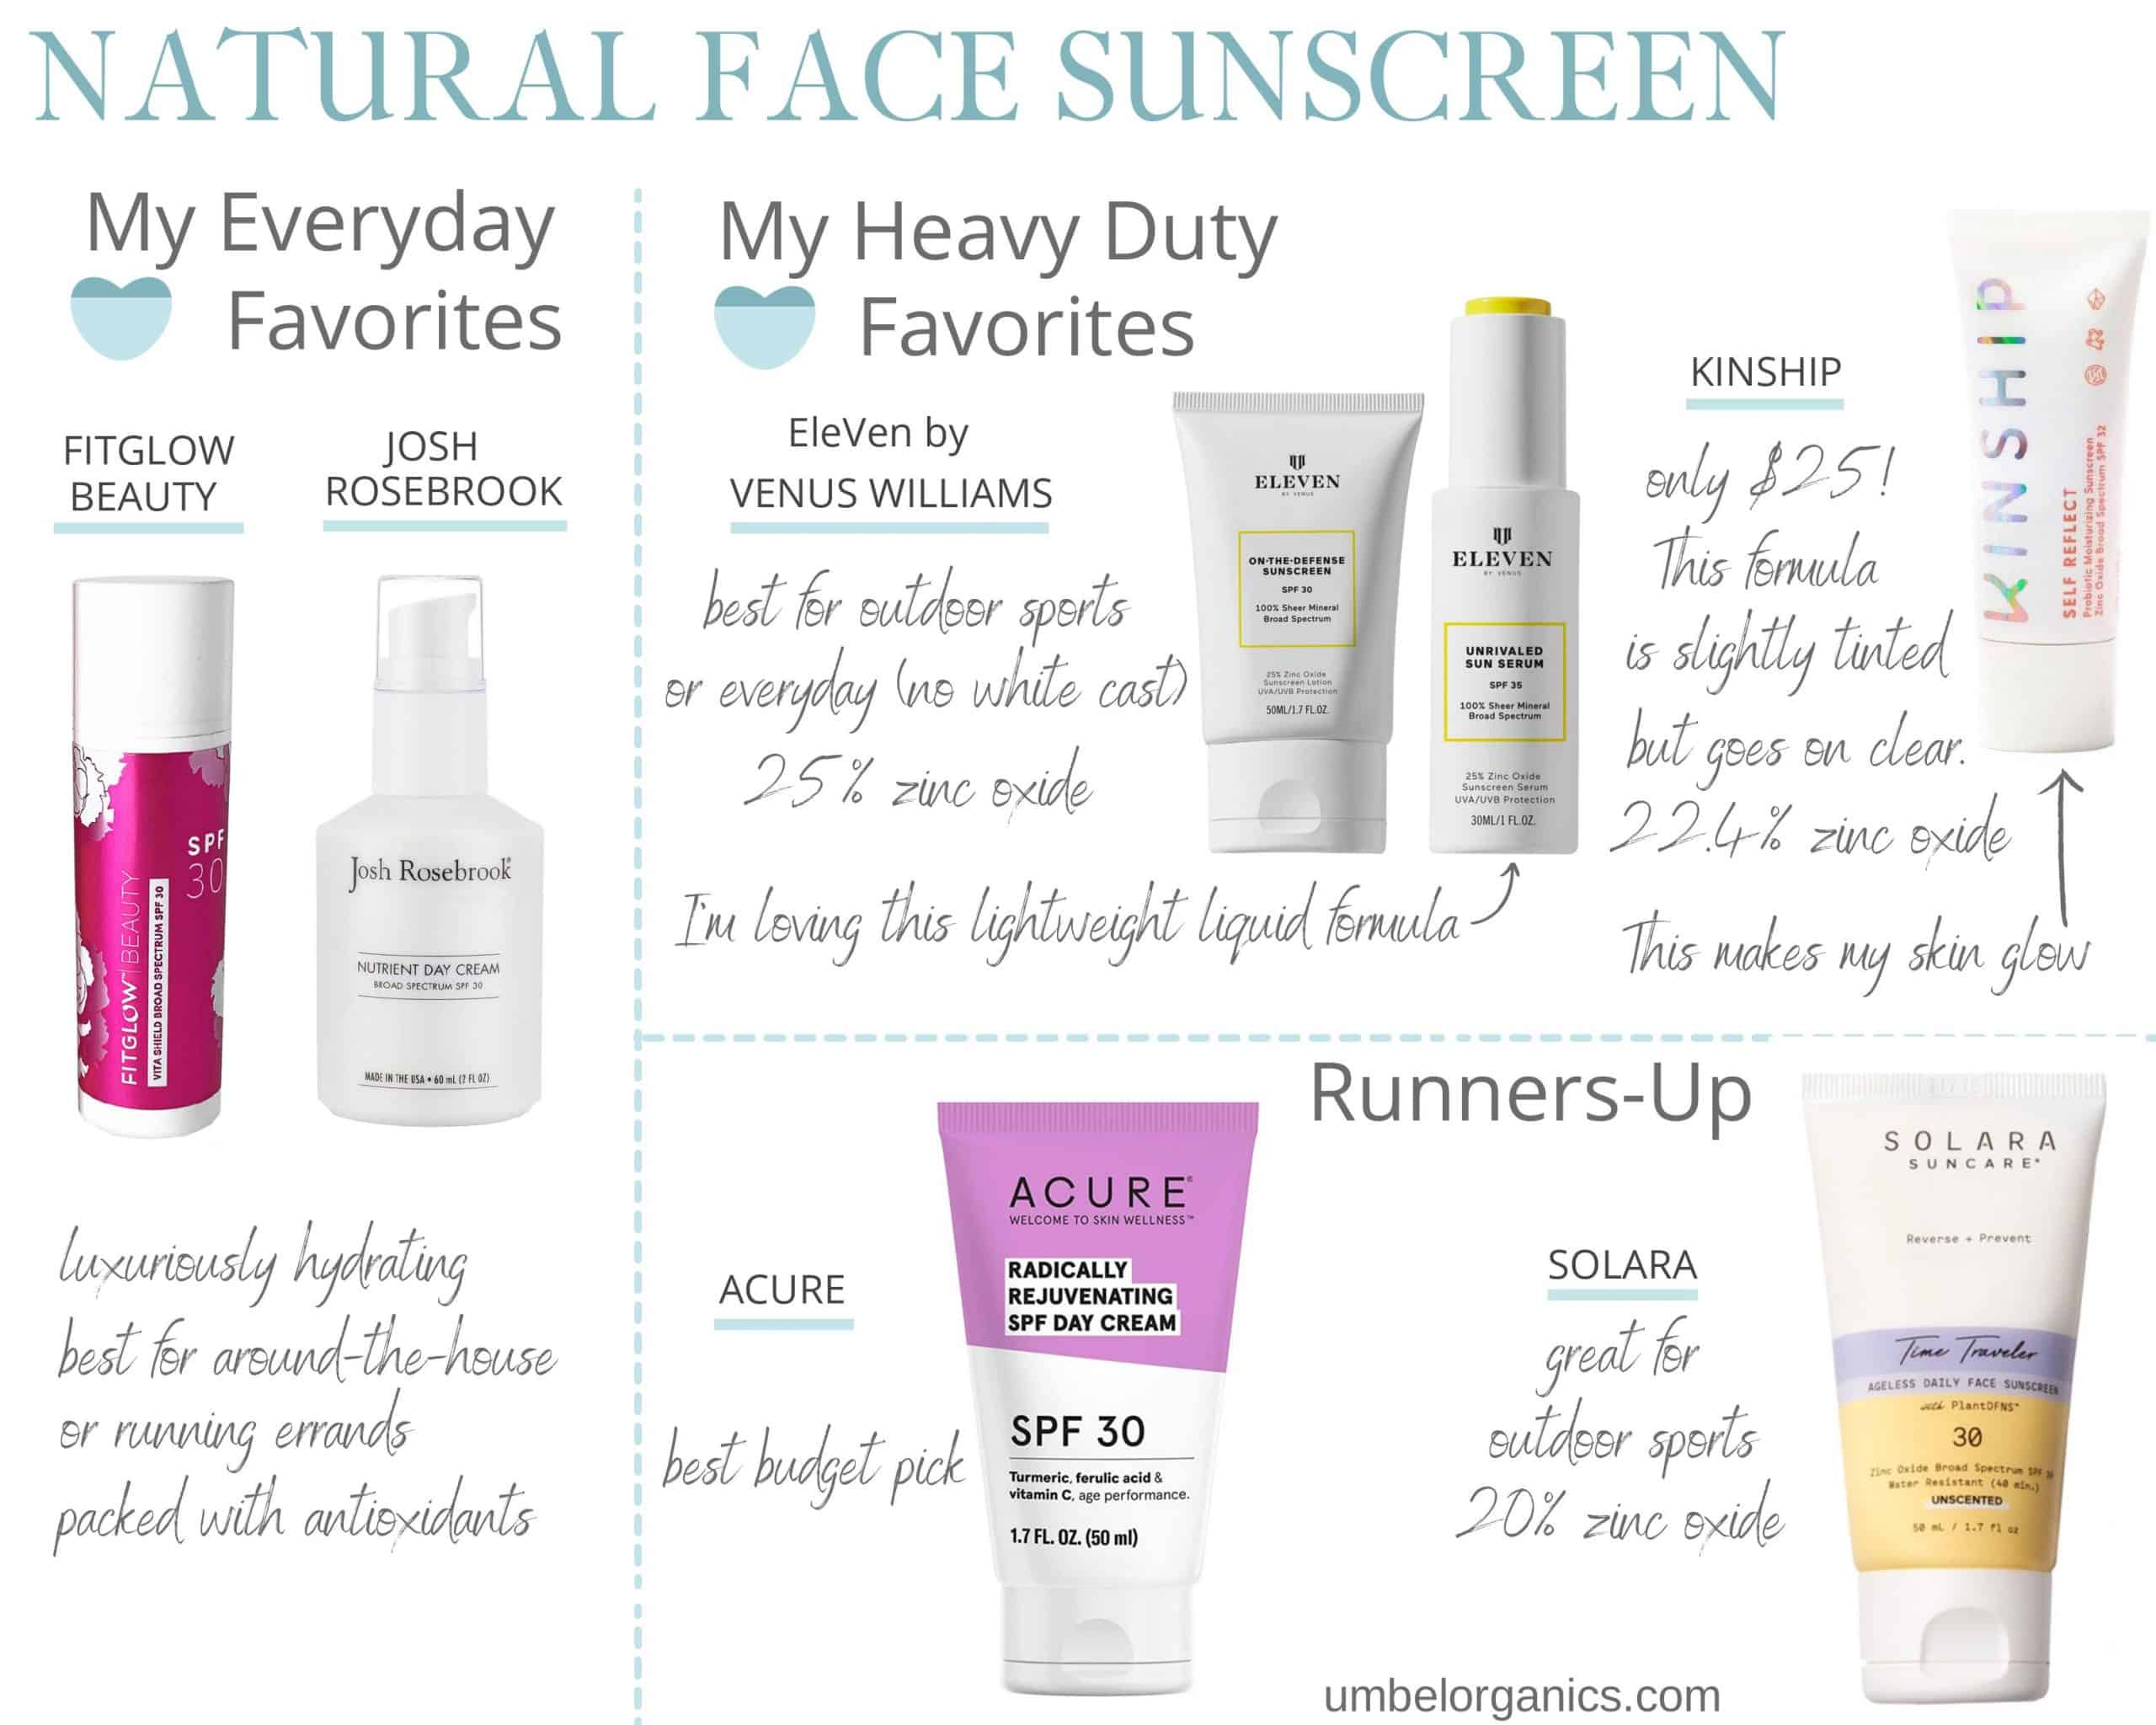 My Favorite Brands of Natural Zinc-Oxide Sunscreen